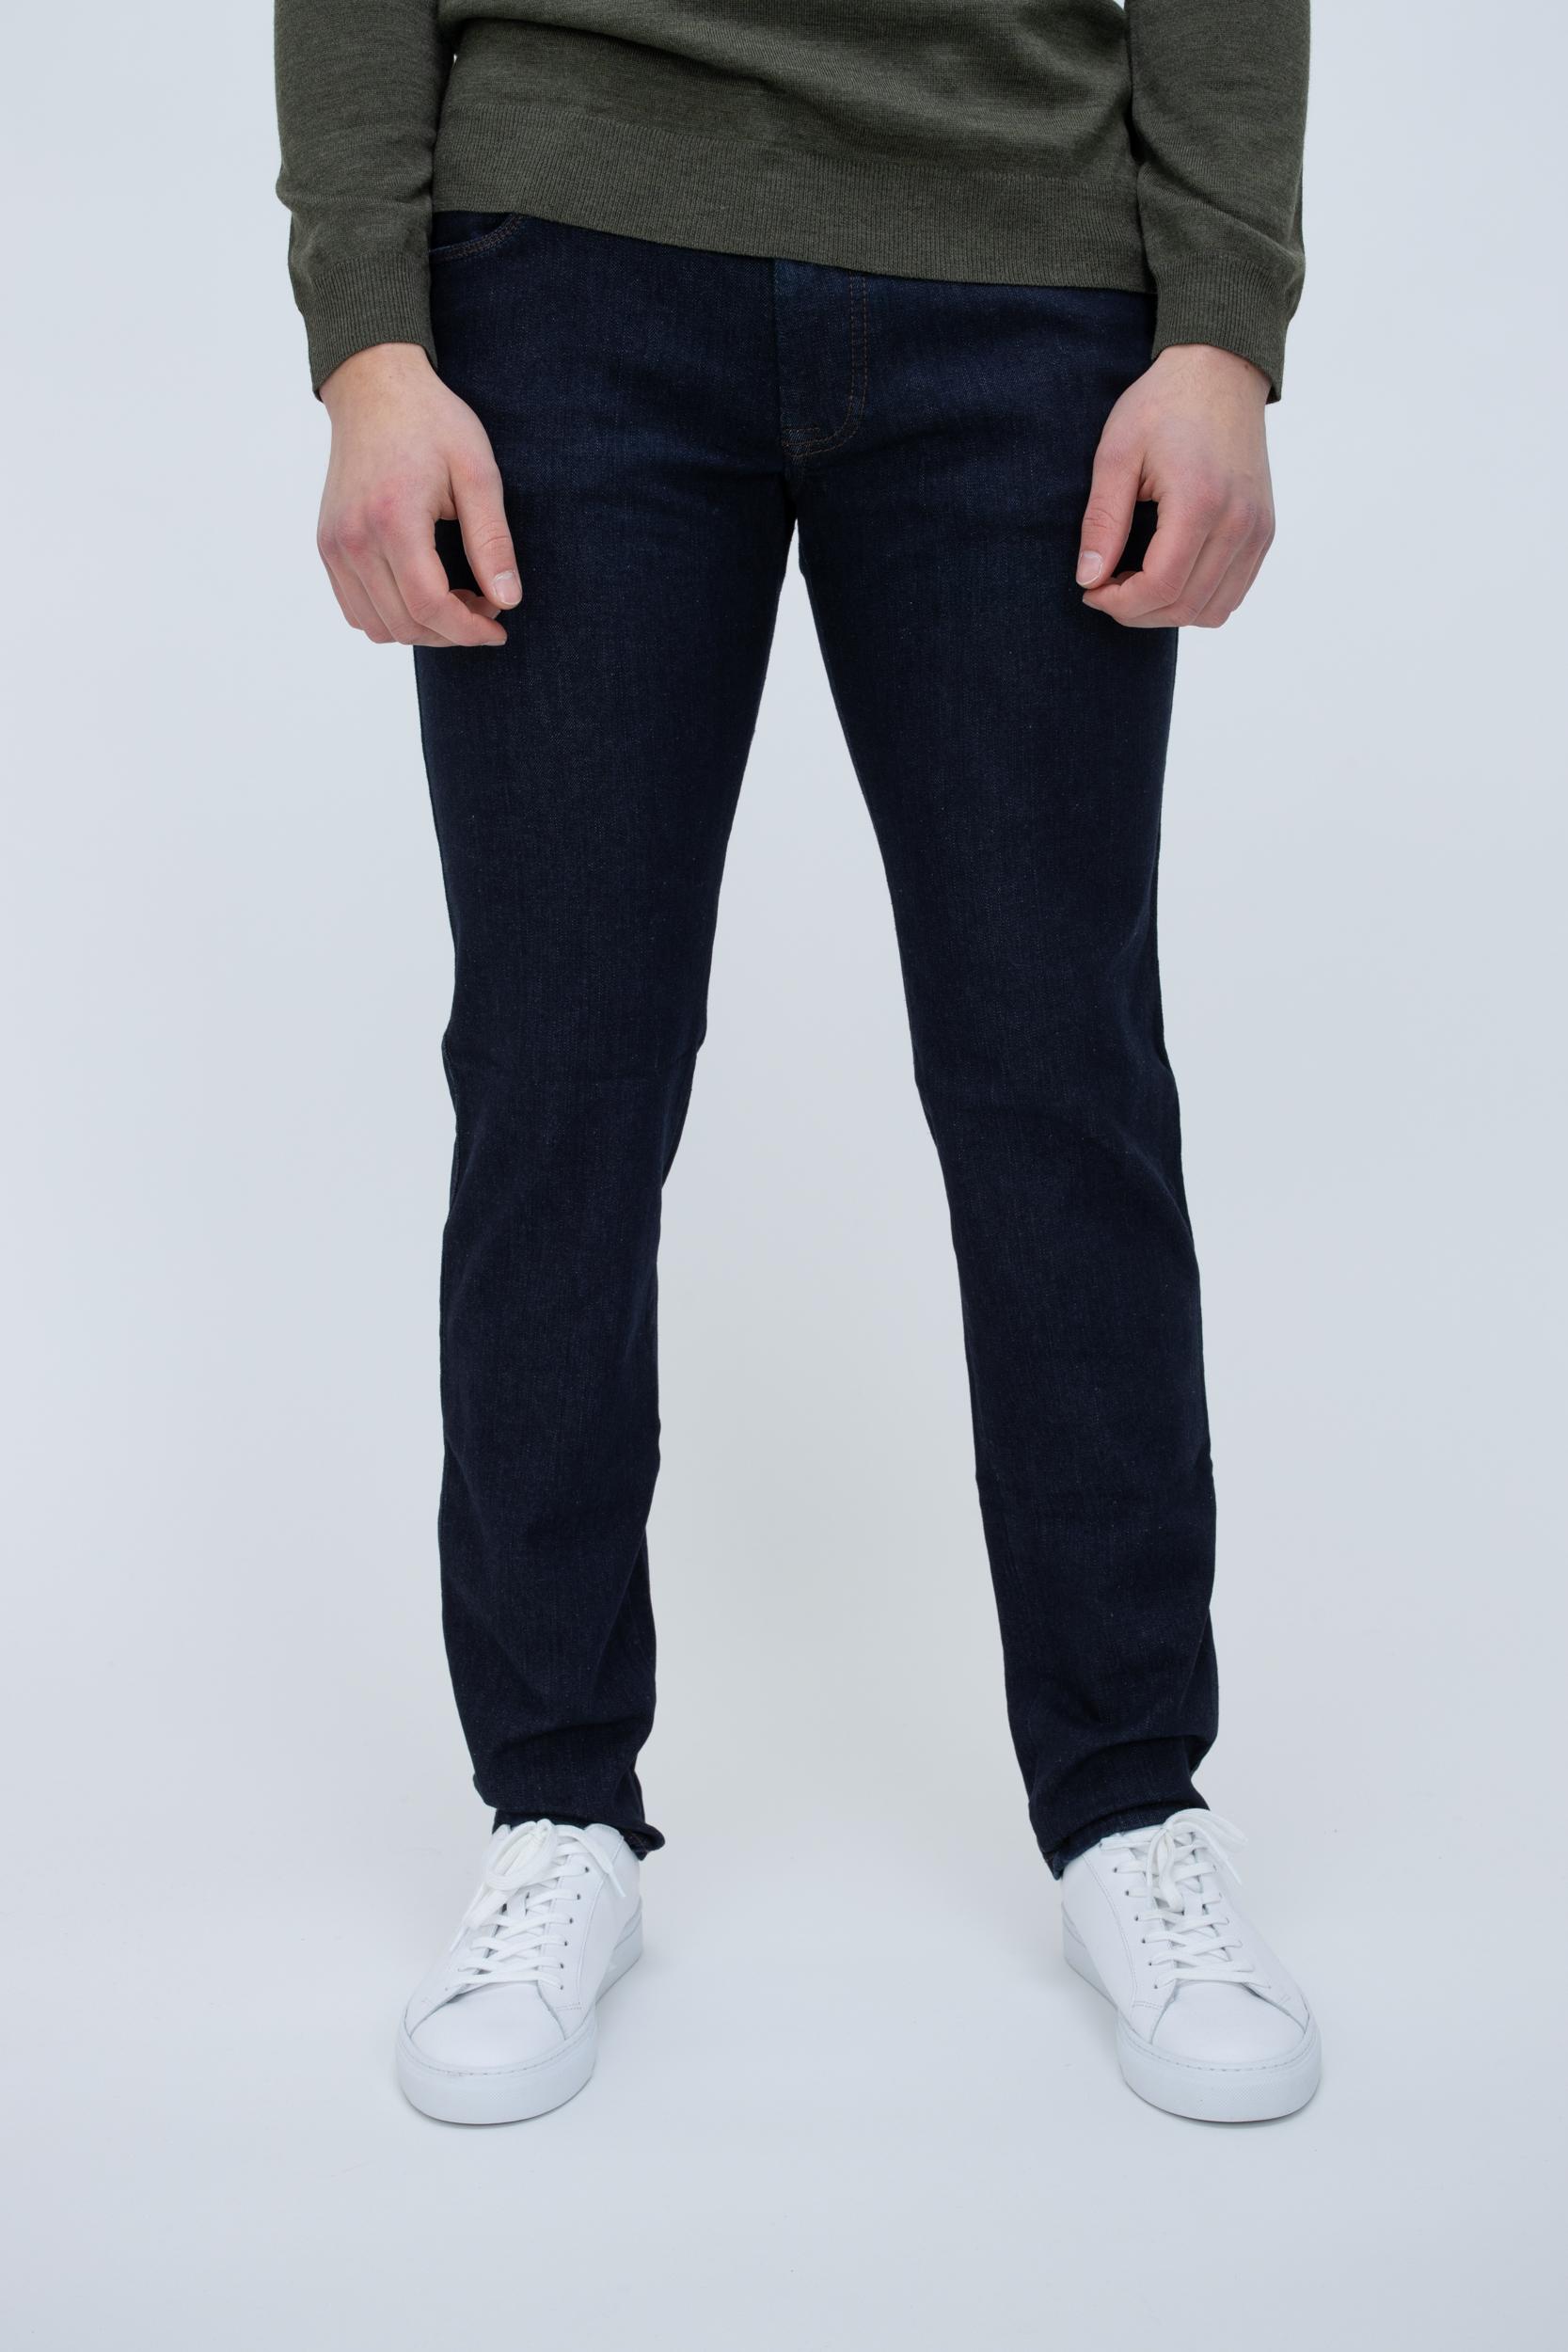 Jeans Flexcity